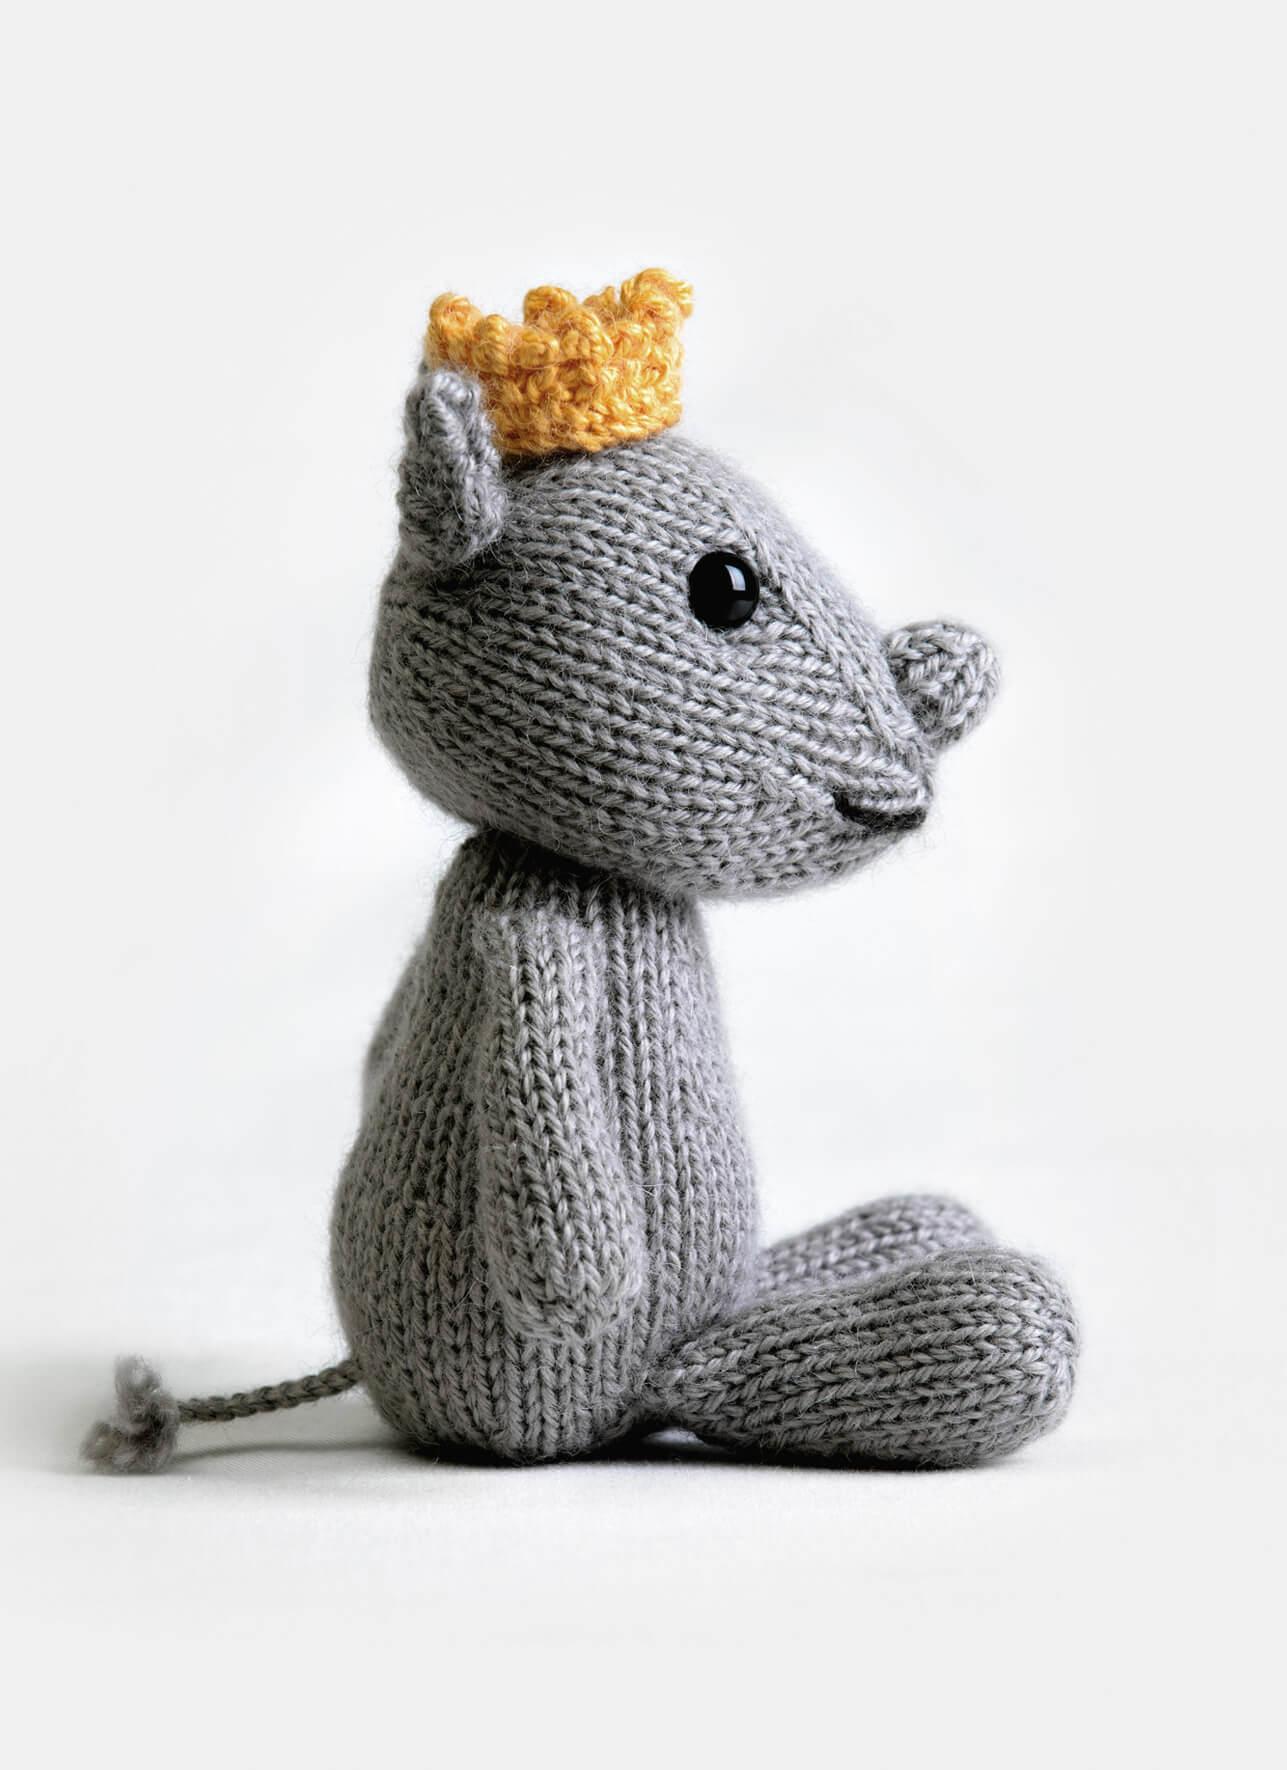 P_Knit Kit_1260_Rhino_02